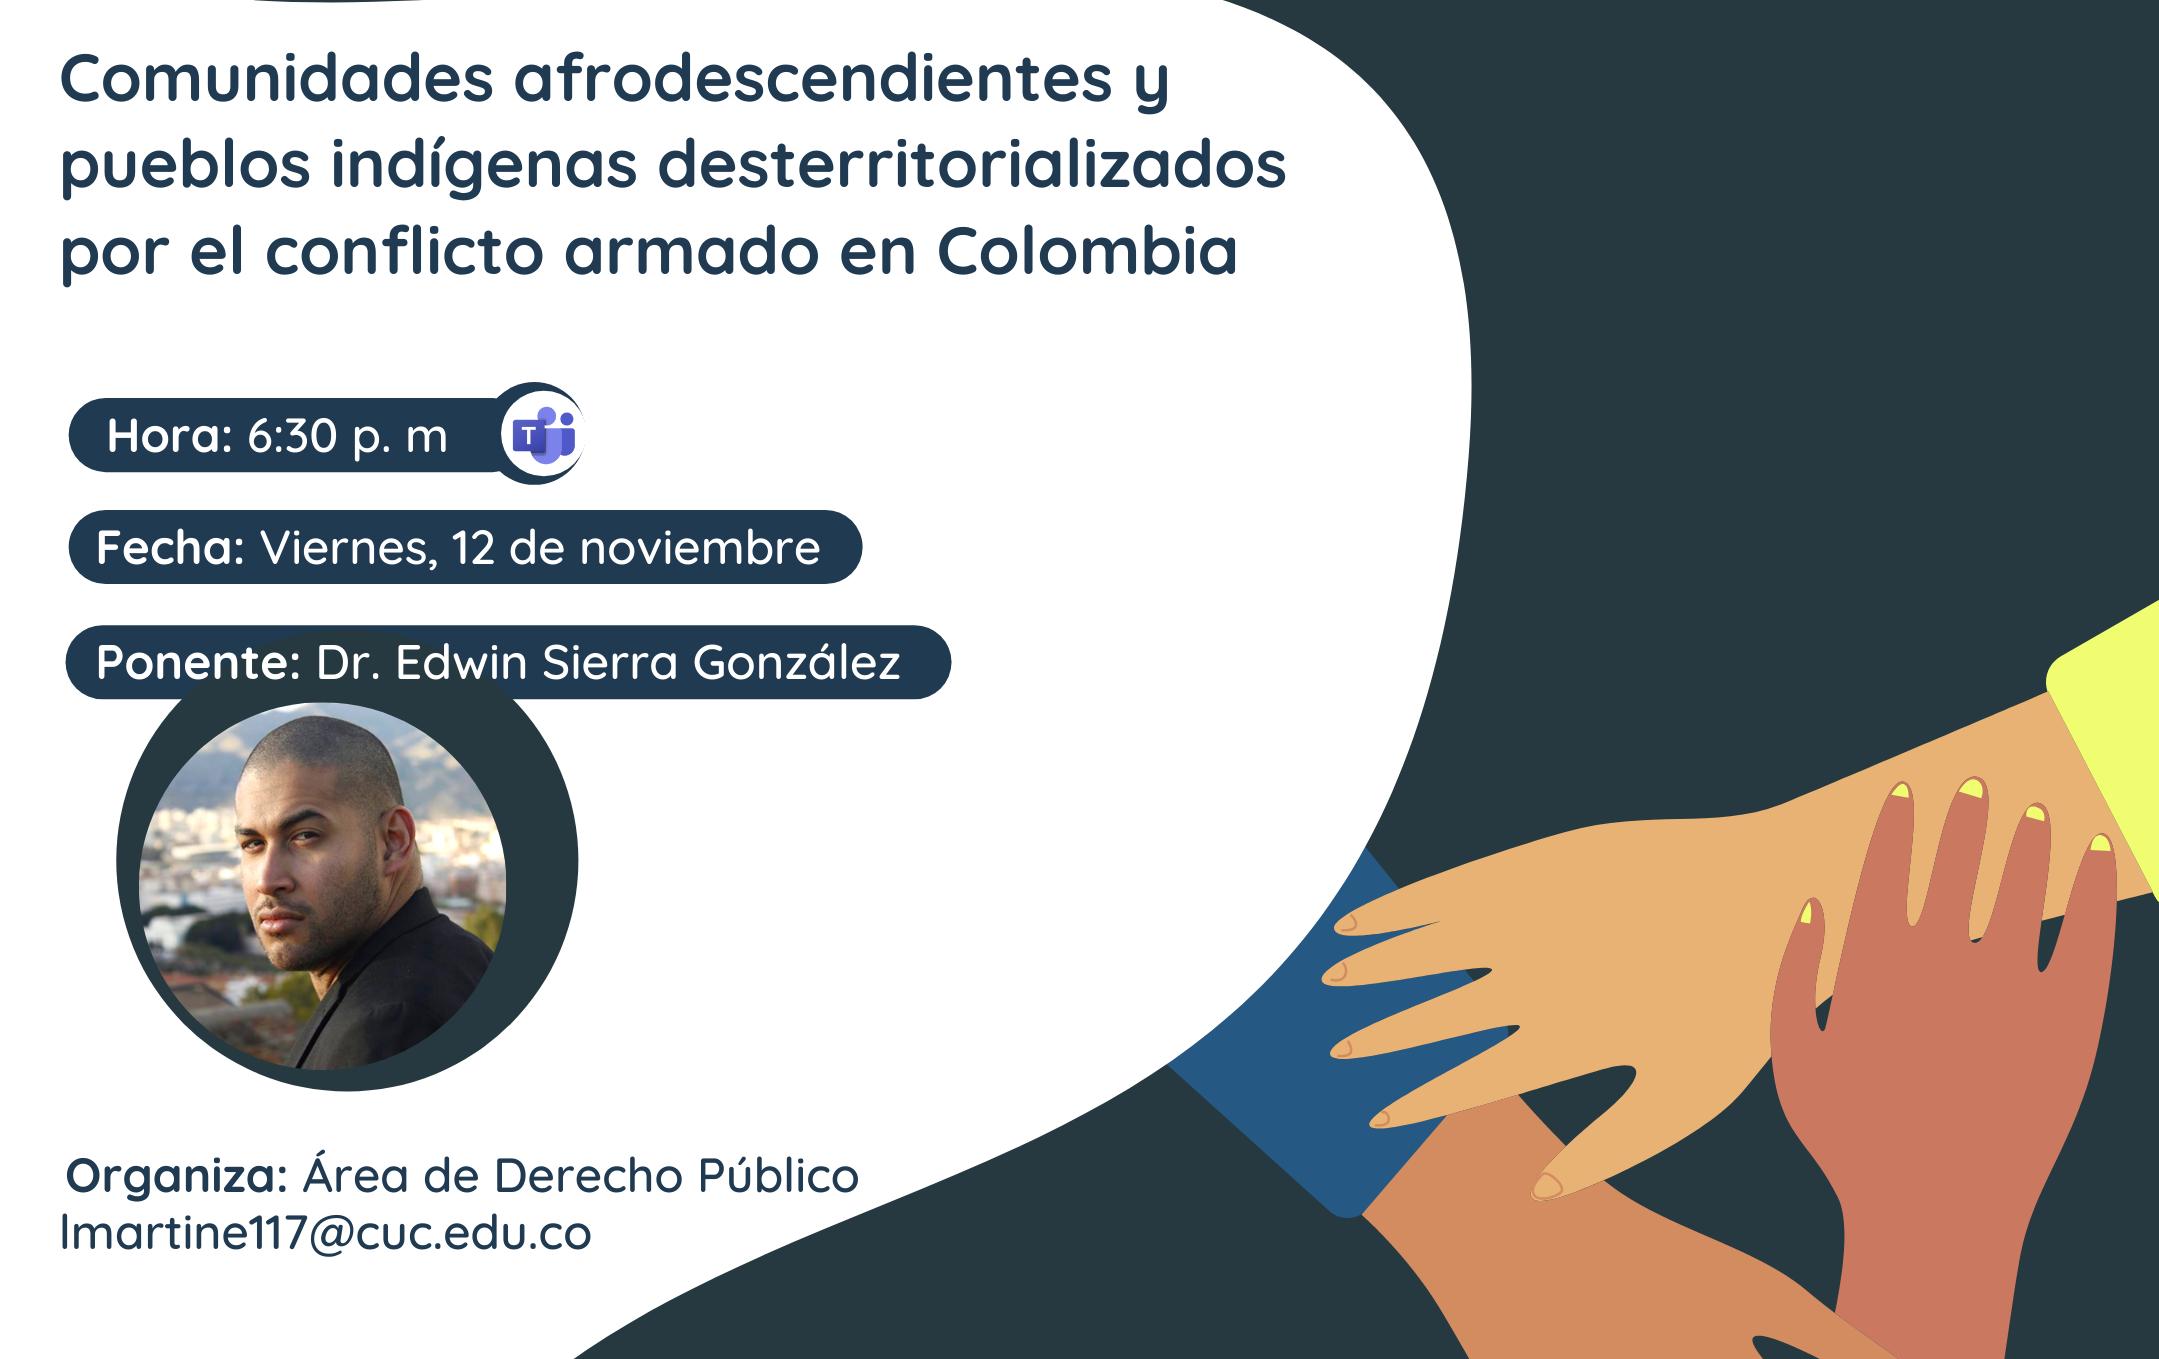 Comunidades afrodescendientes e indígenas desterritorializados por el conflicto armado en Colombia